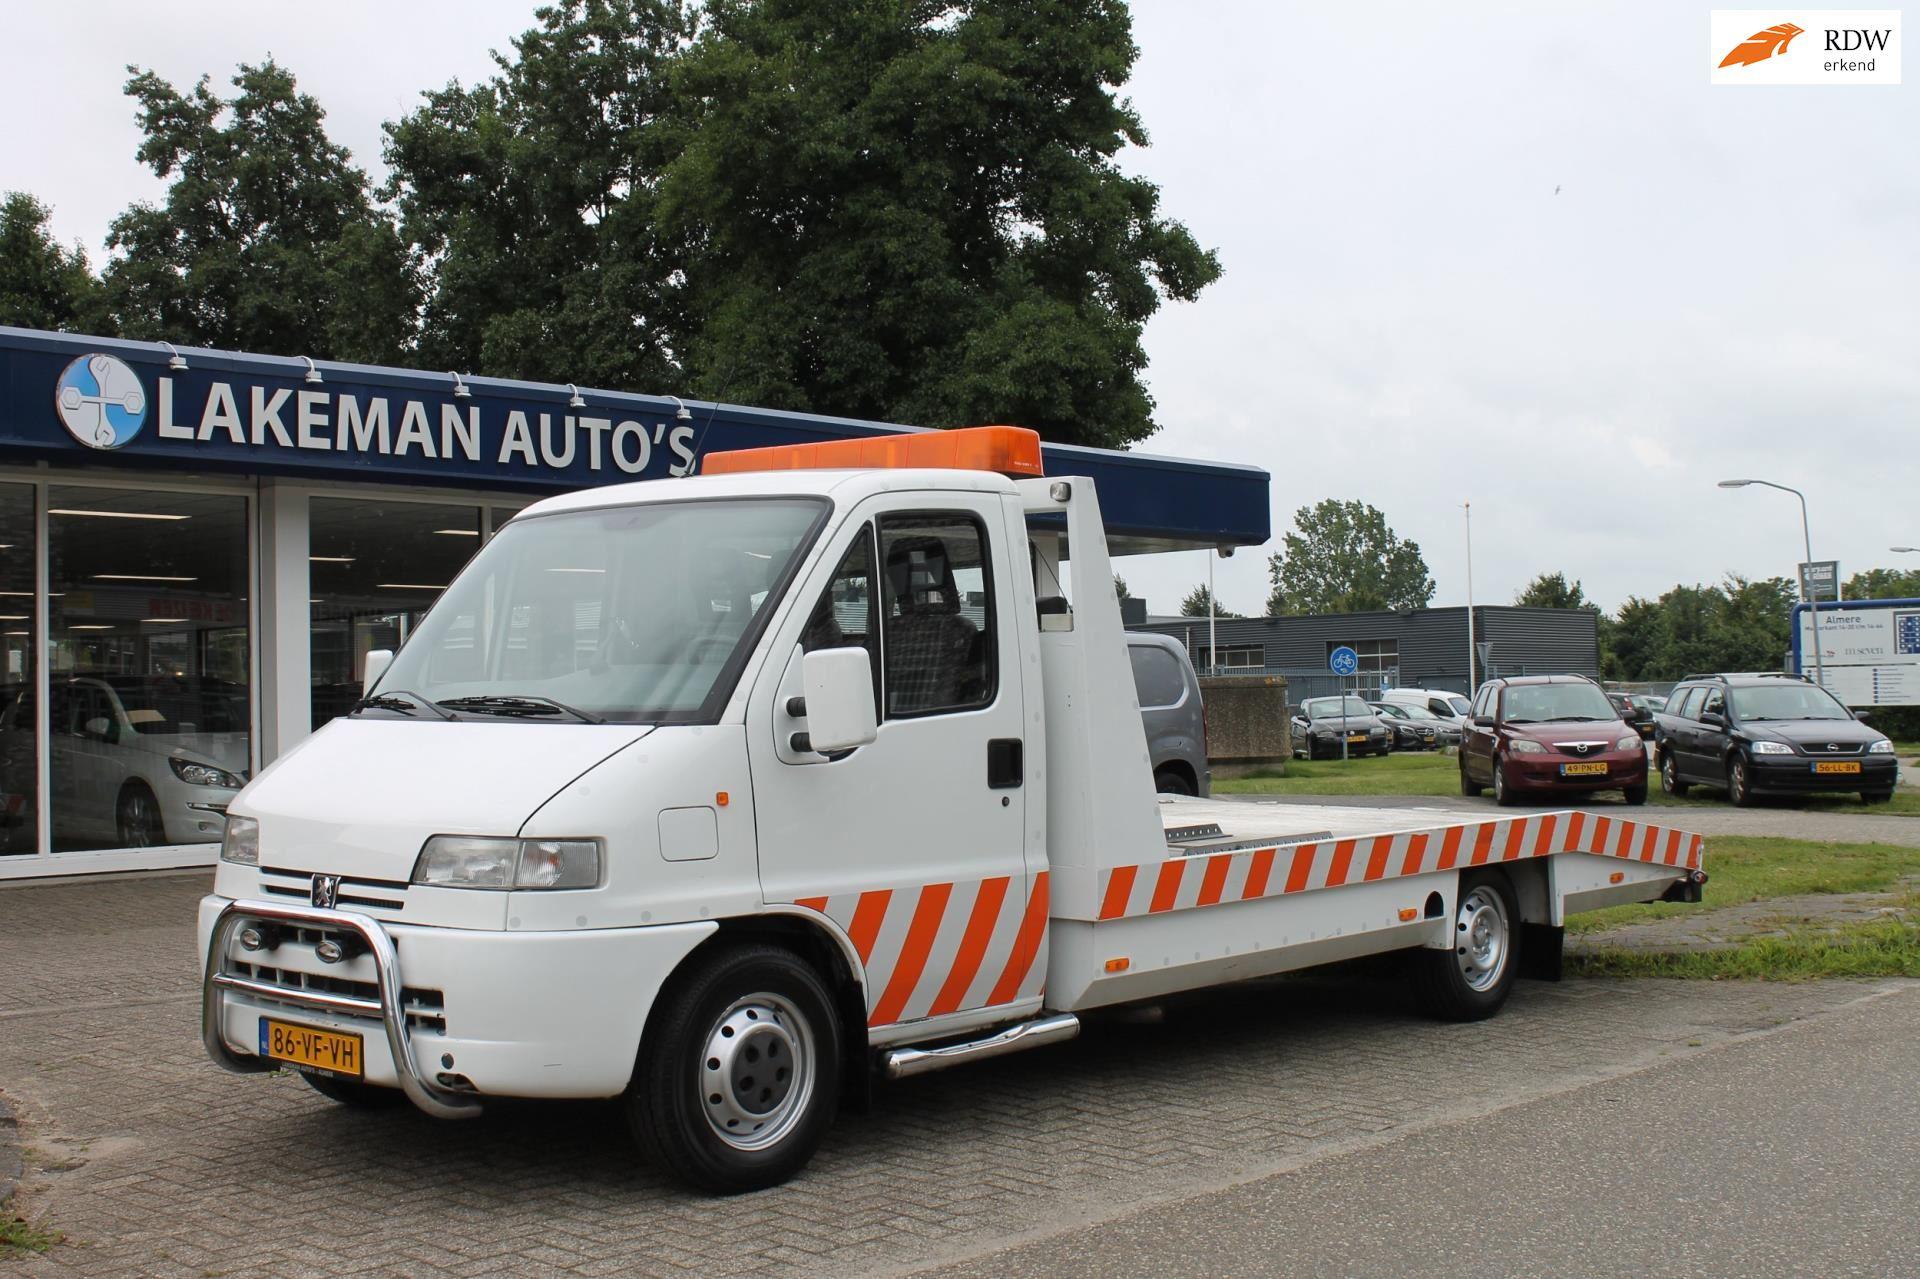 Peugeot Boxer occasion - Lakeman auto's Almere B.V.